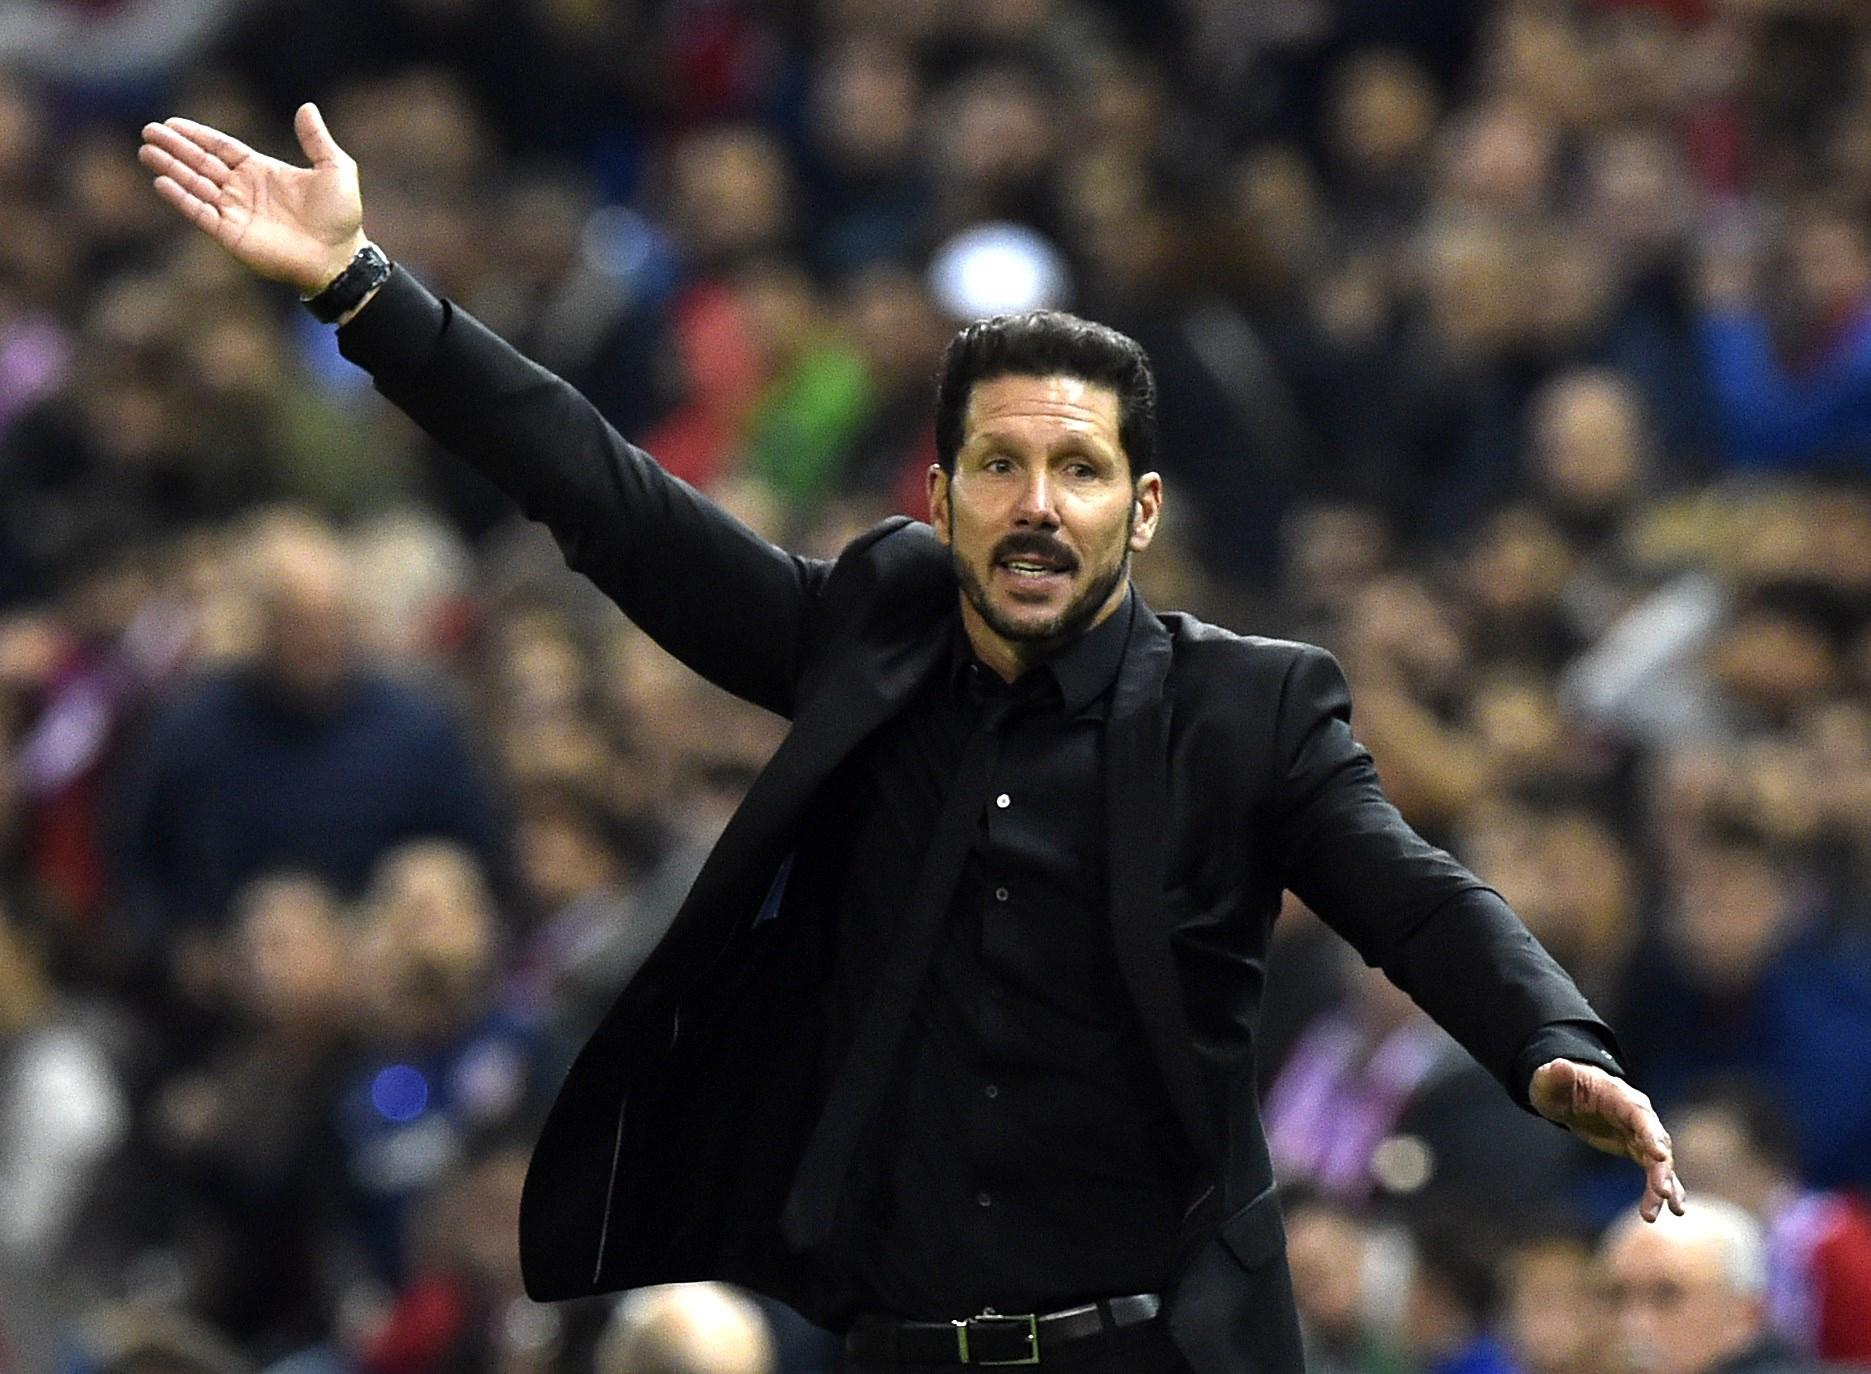 L'Atletico di Simeone ha subito solamente 11 gol in tutto il campionato